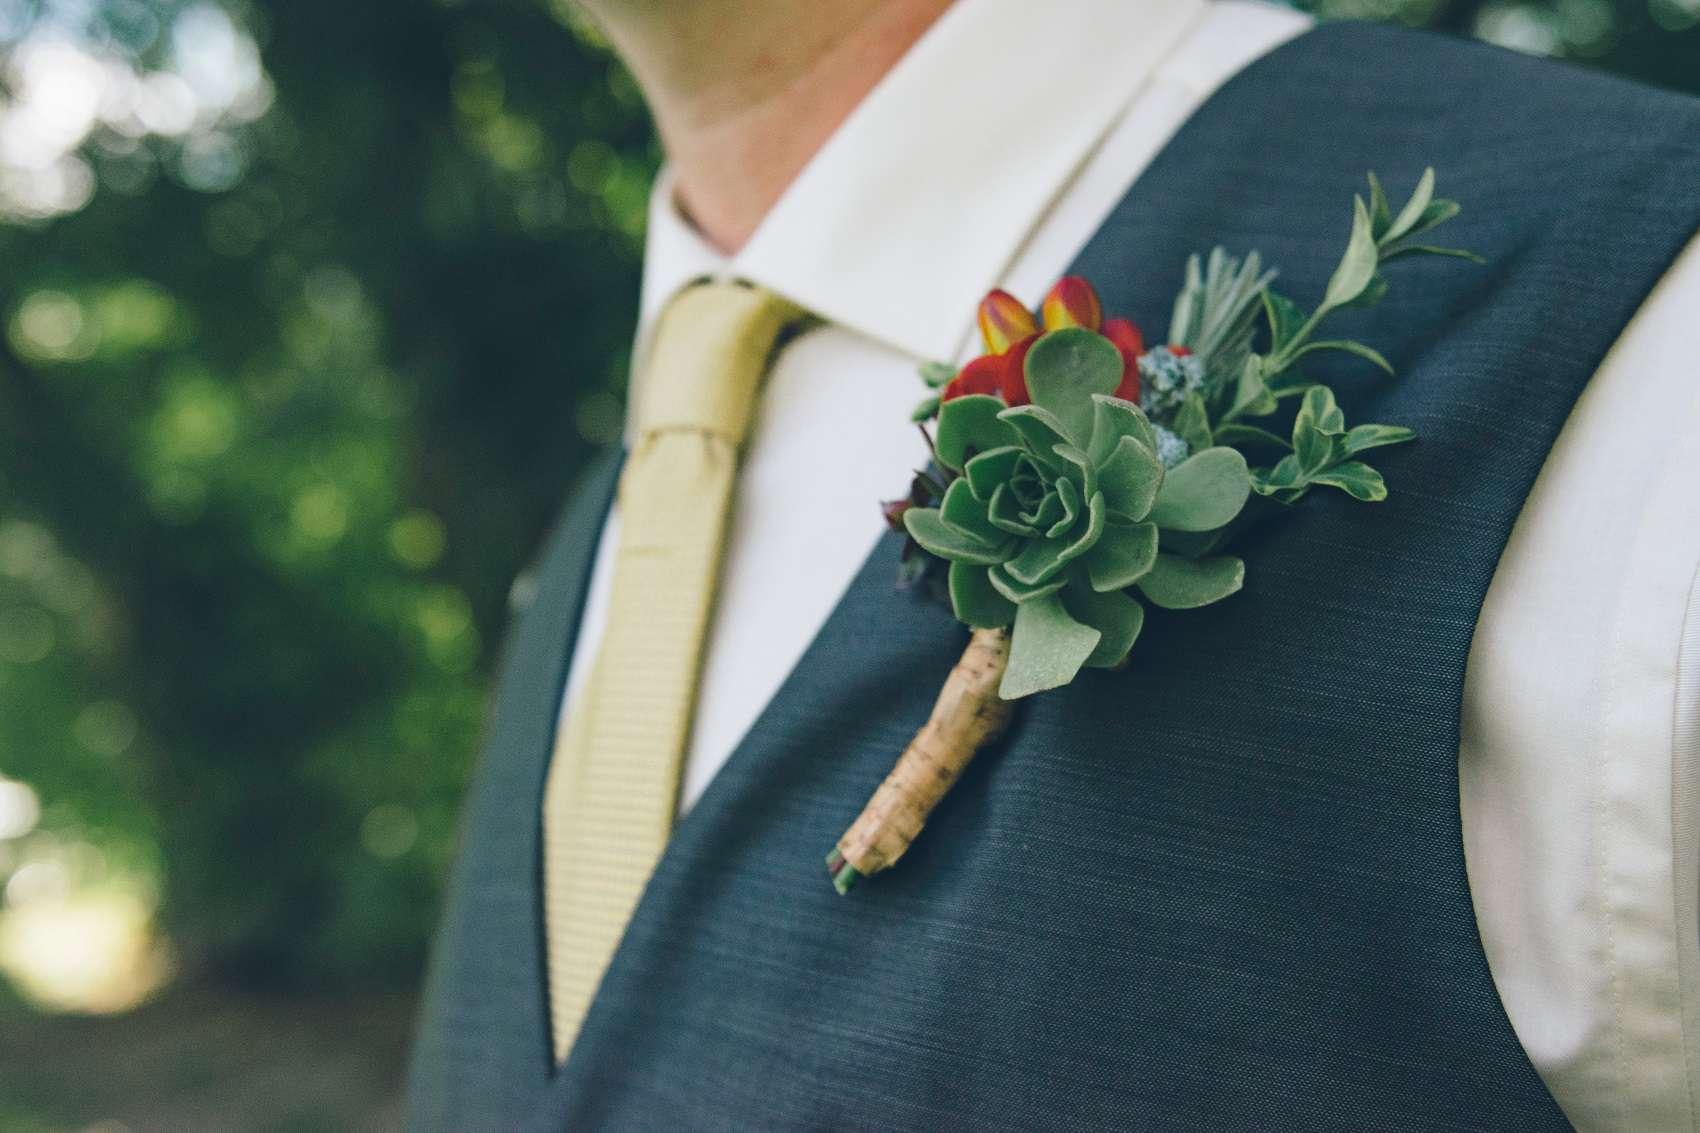 Wowdoplňky kravata a vesta